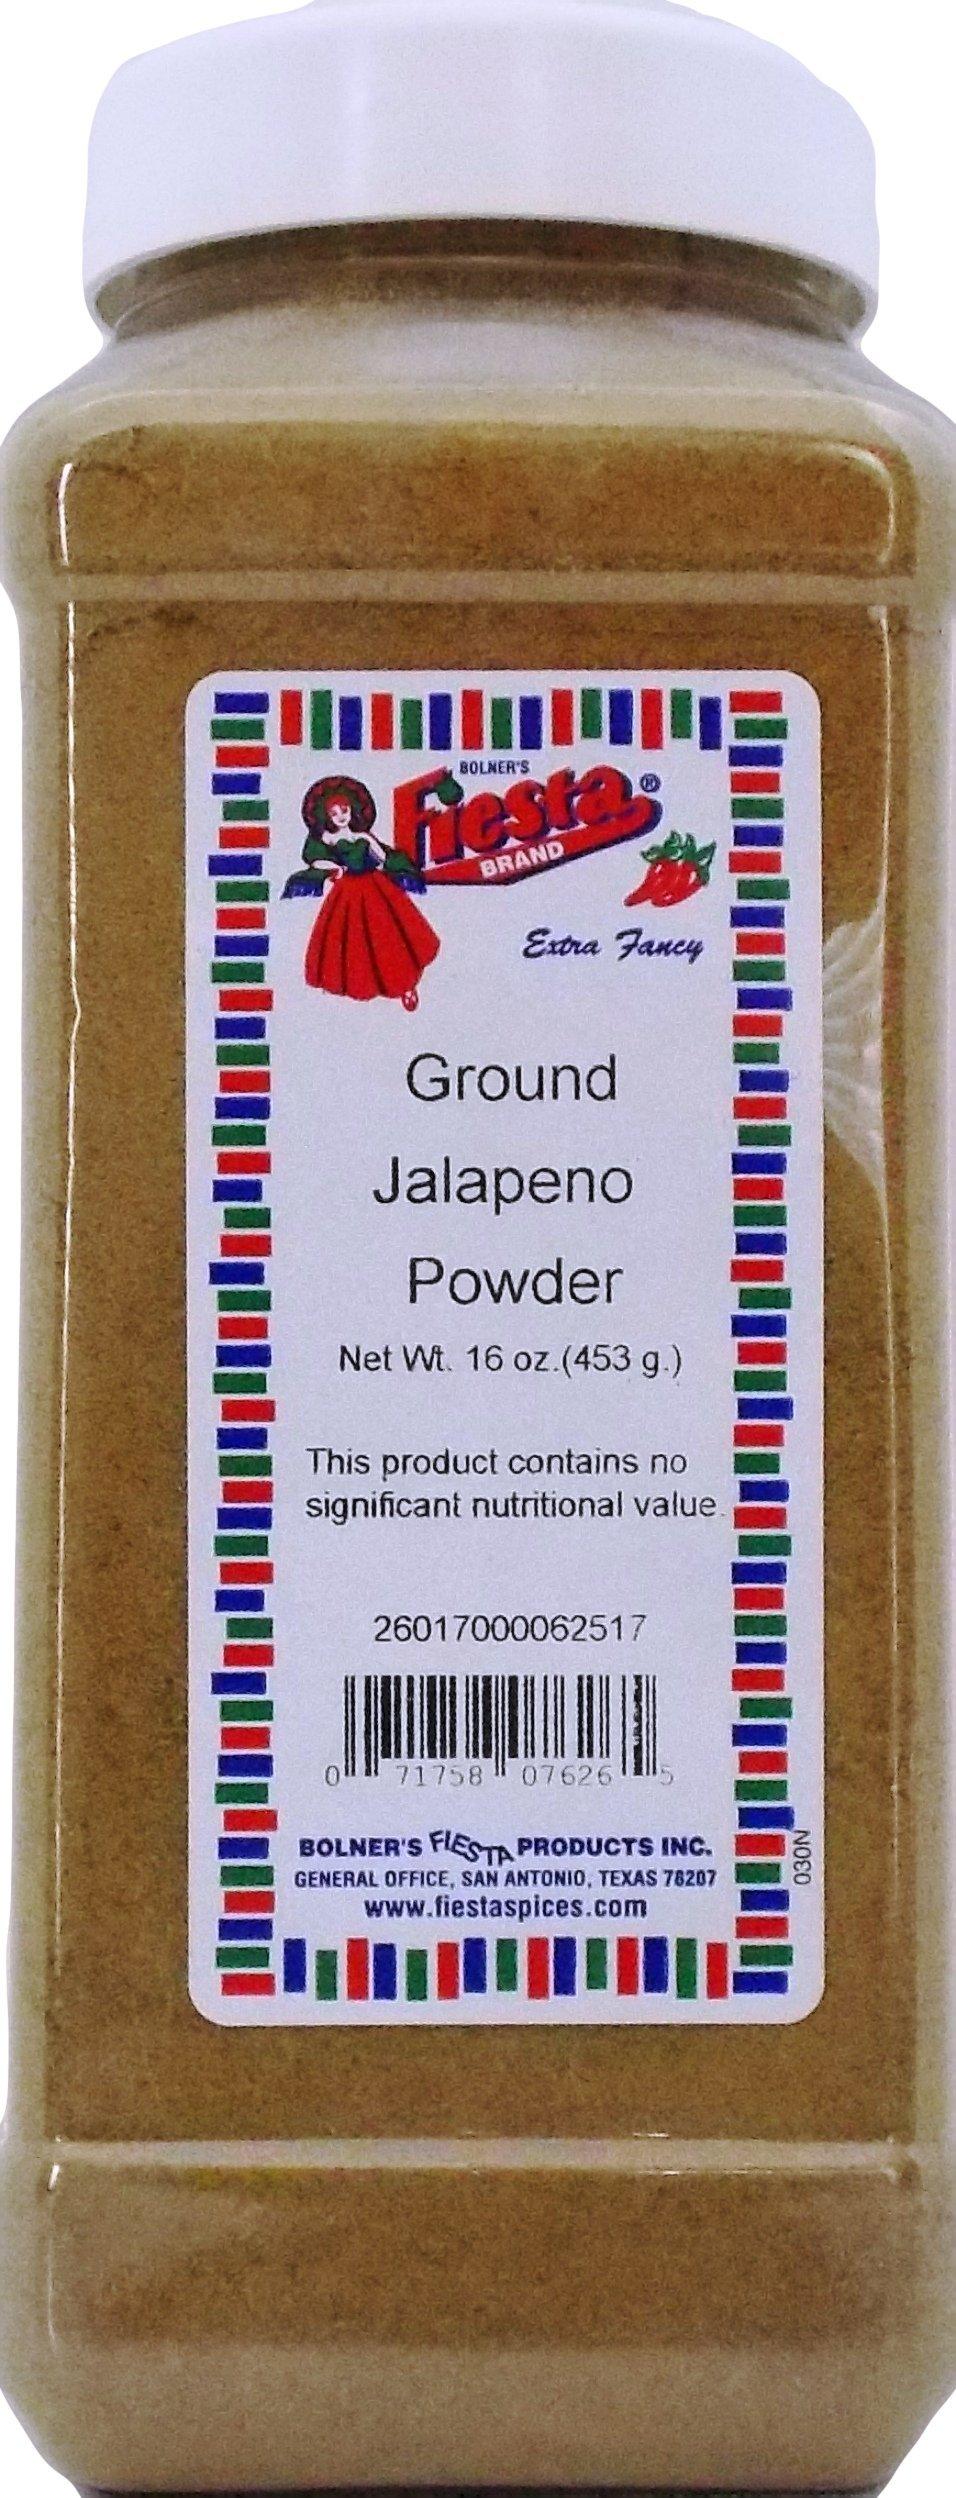 Bolner's Fiesta Extra Fancy ''Texas TNT'' Ground Jalapeno Pepper Powder, 16 Oz.